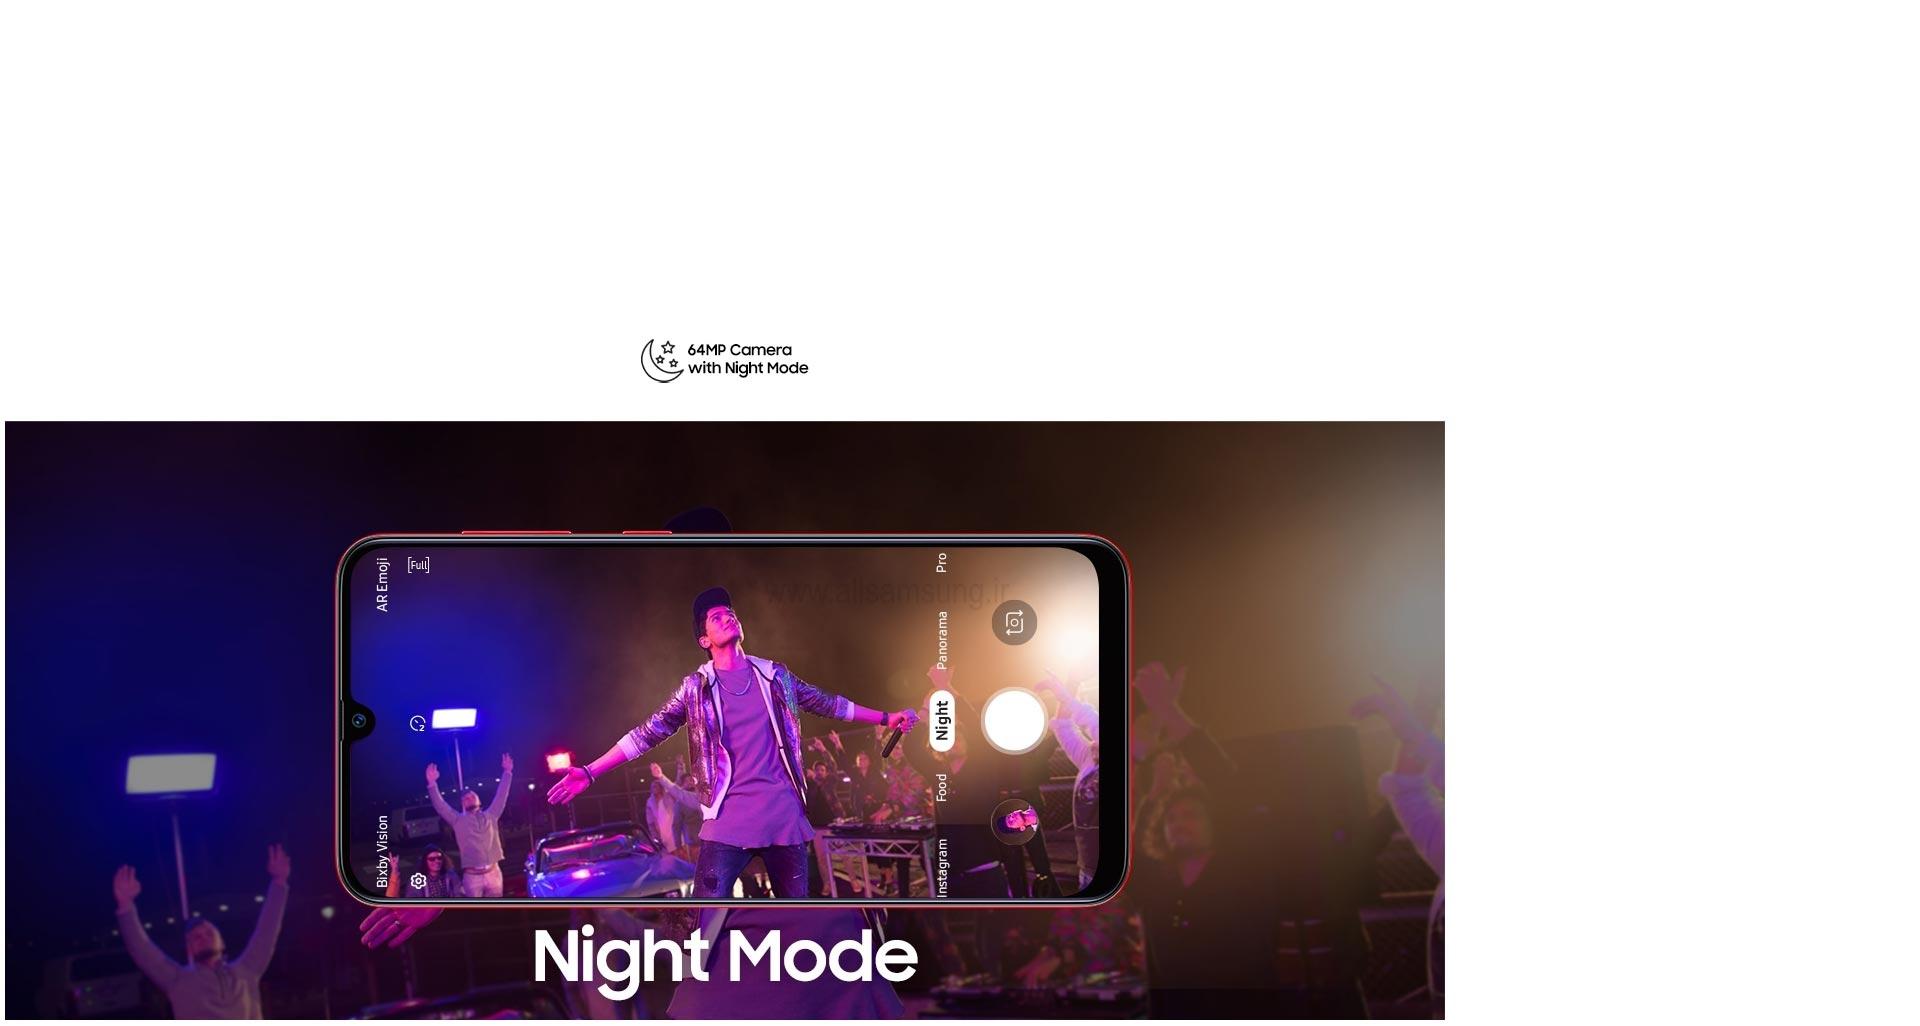 ثبت تصاویر باکیفیت در شب توسط گوشی گلکسی A70s